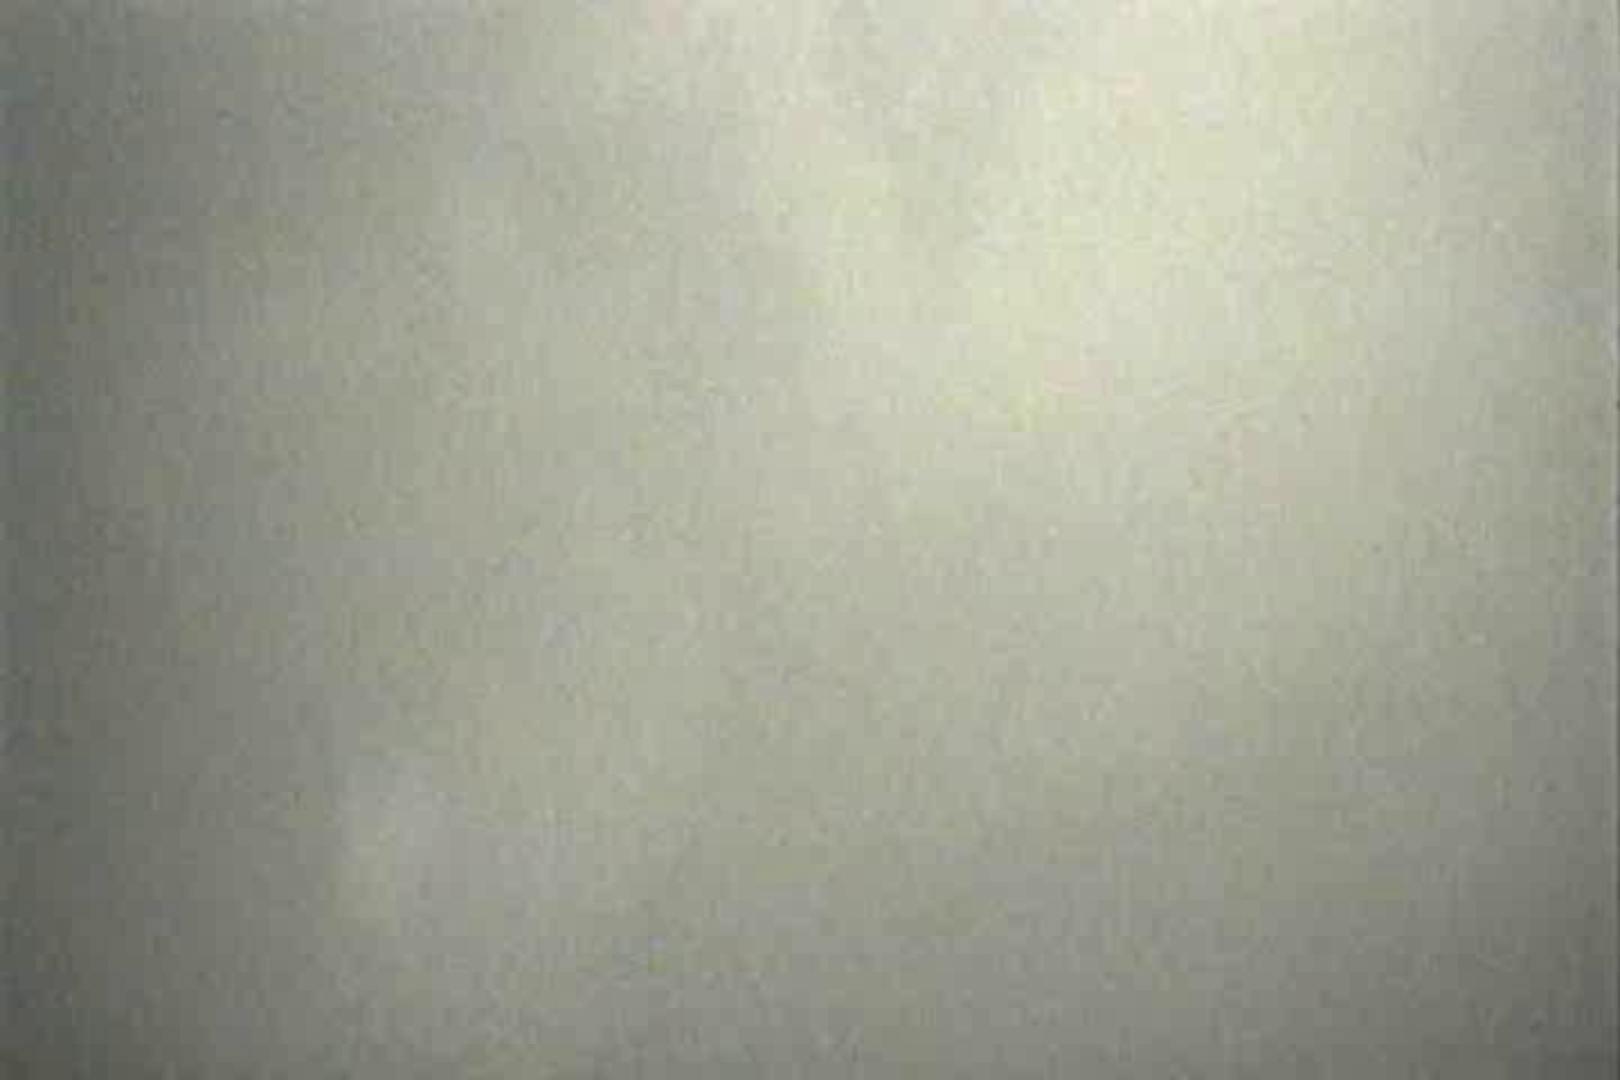 投稿盗撮 女子洗面所上から下から後ろから  TK-108 盗撮師作品 オメコ動画キャプチャ 95pic 2